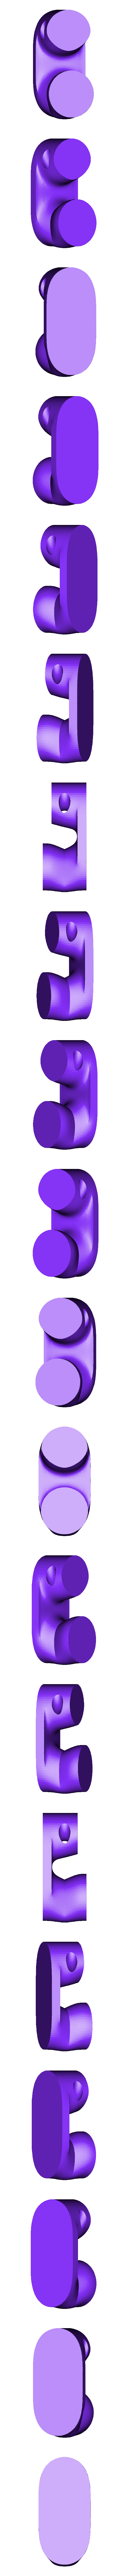 gancio2.stl Télécharger fichier STL gratuit Support mural sans clou • Design imprimable en 3D, MarcoAlici